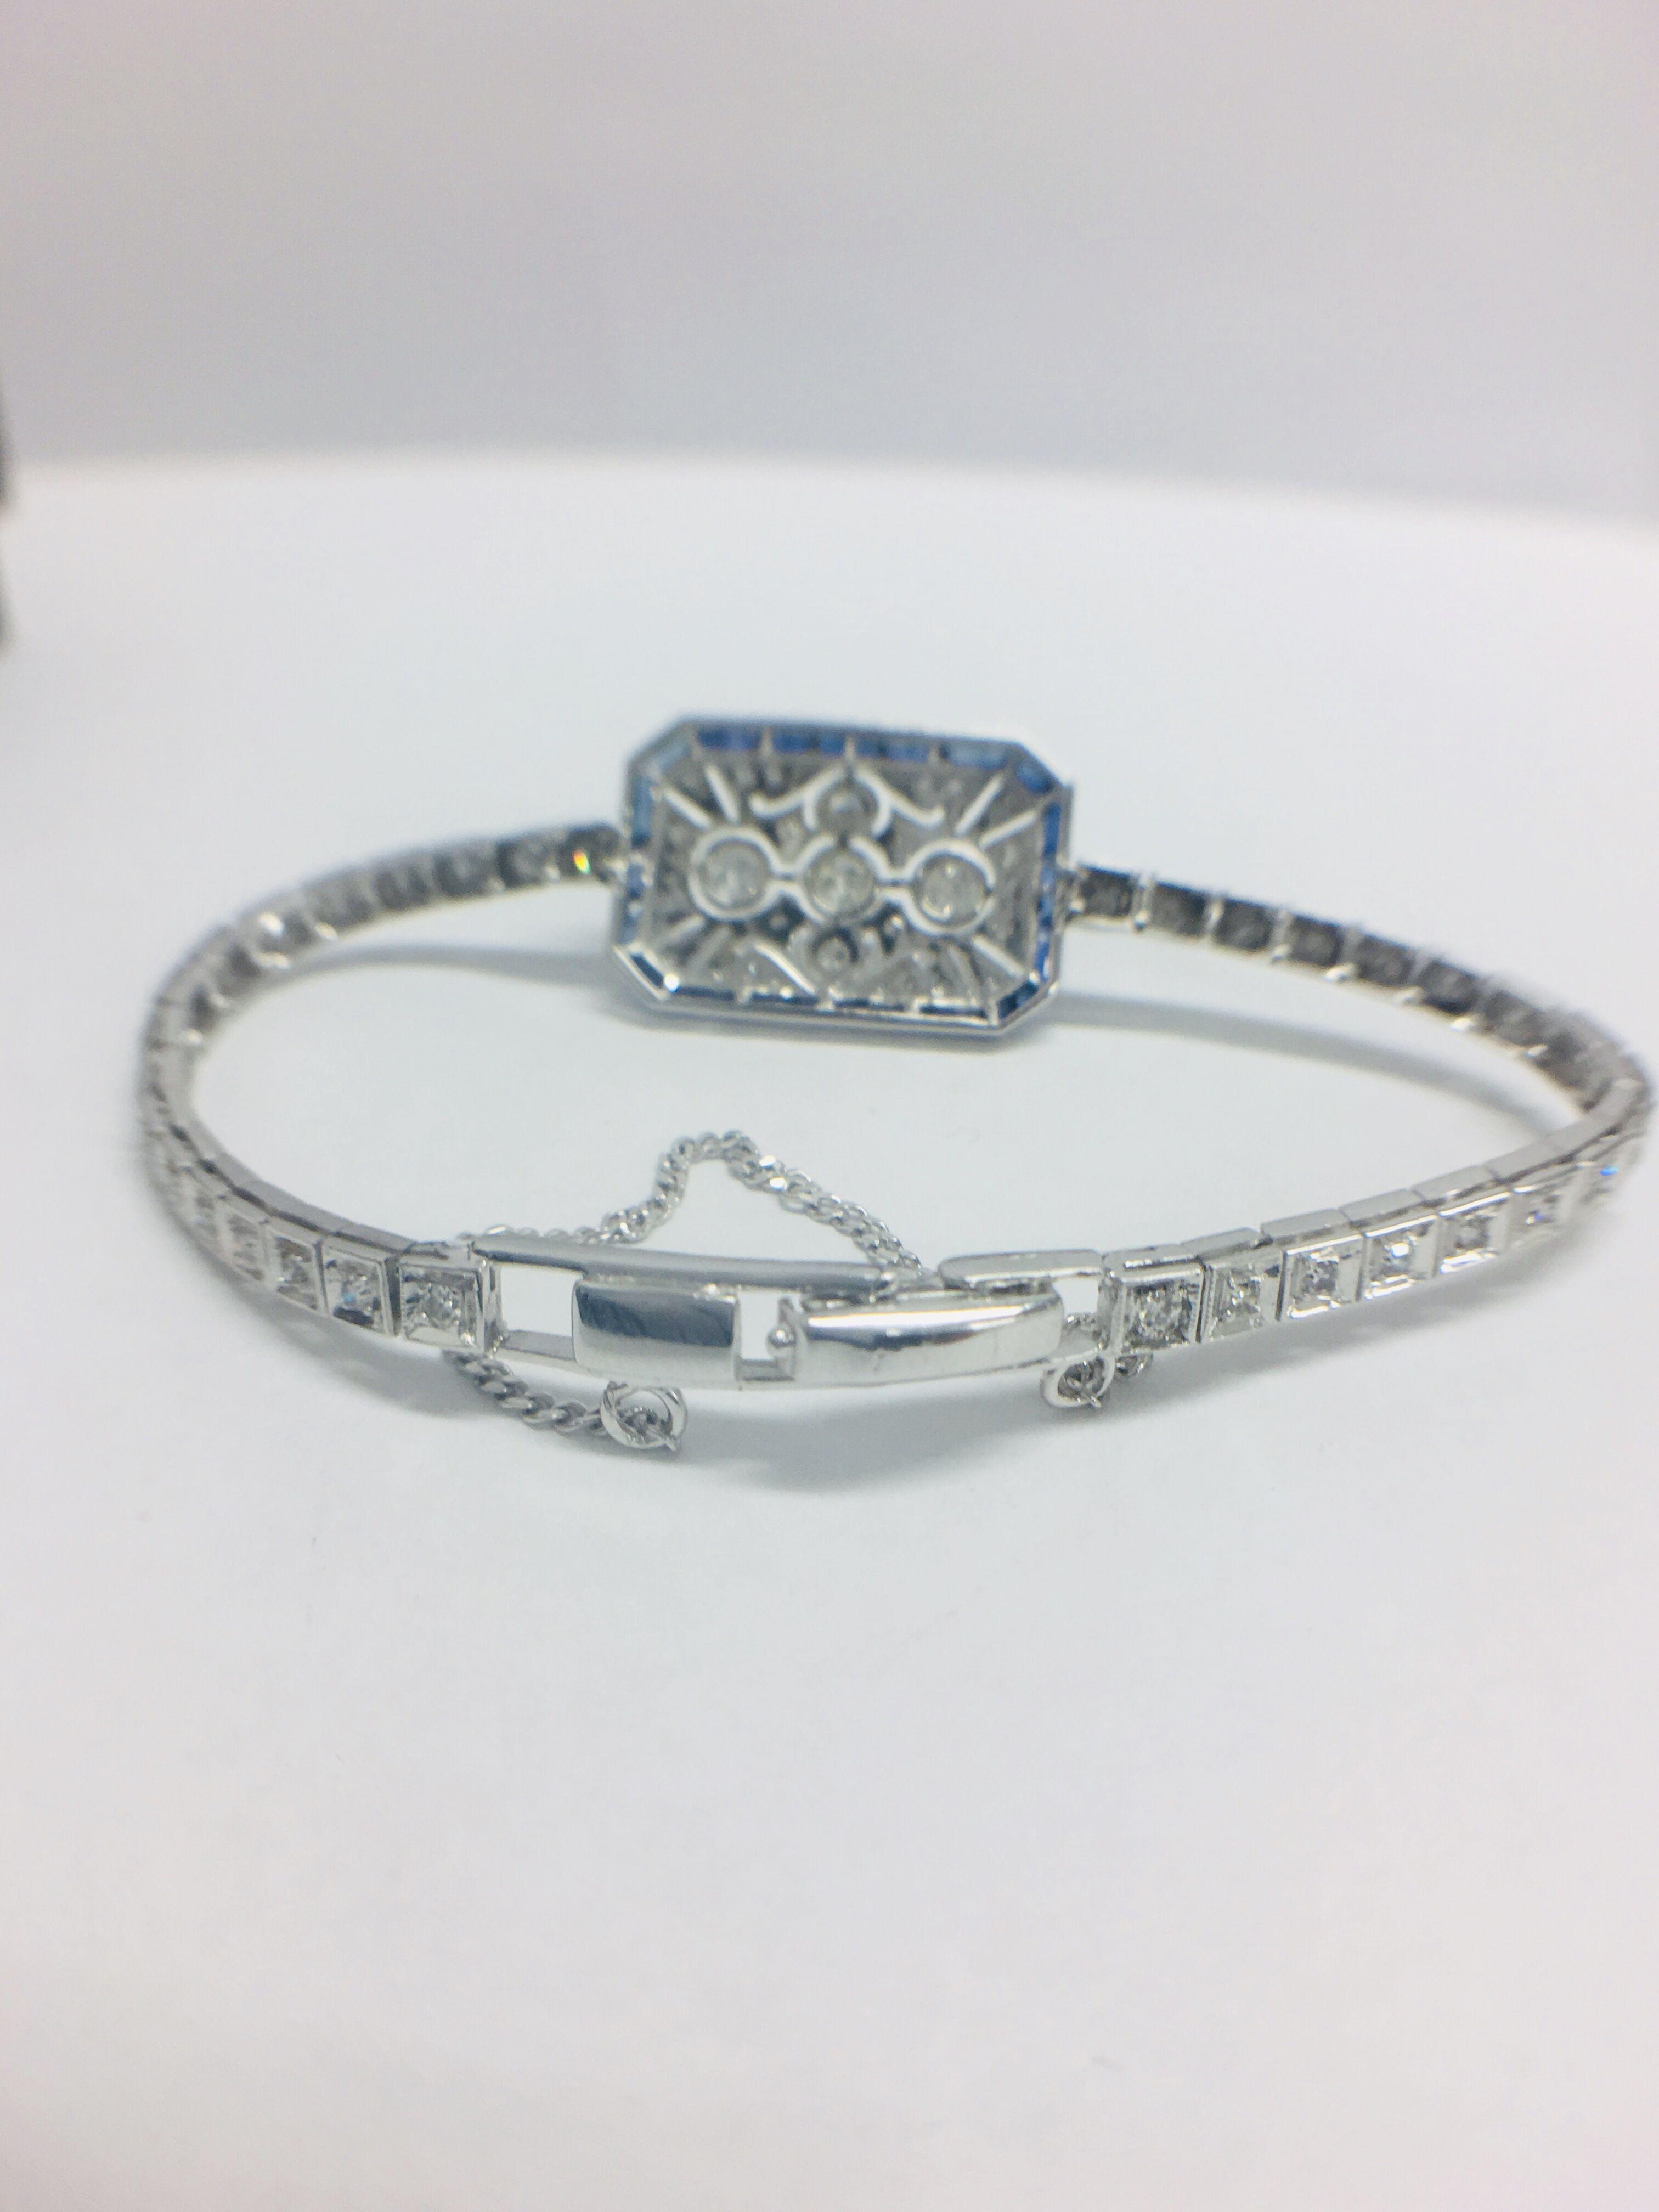 Platinum Cocktail Bracelet - Image 5 of 12